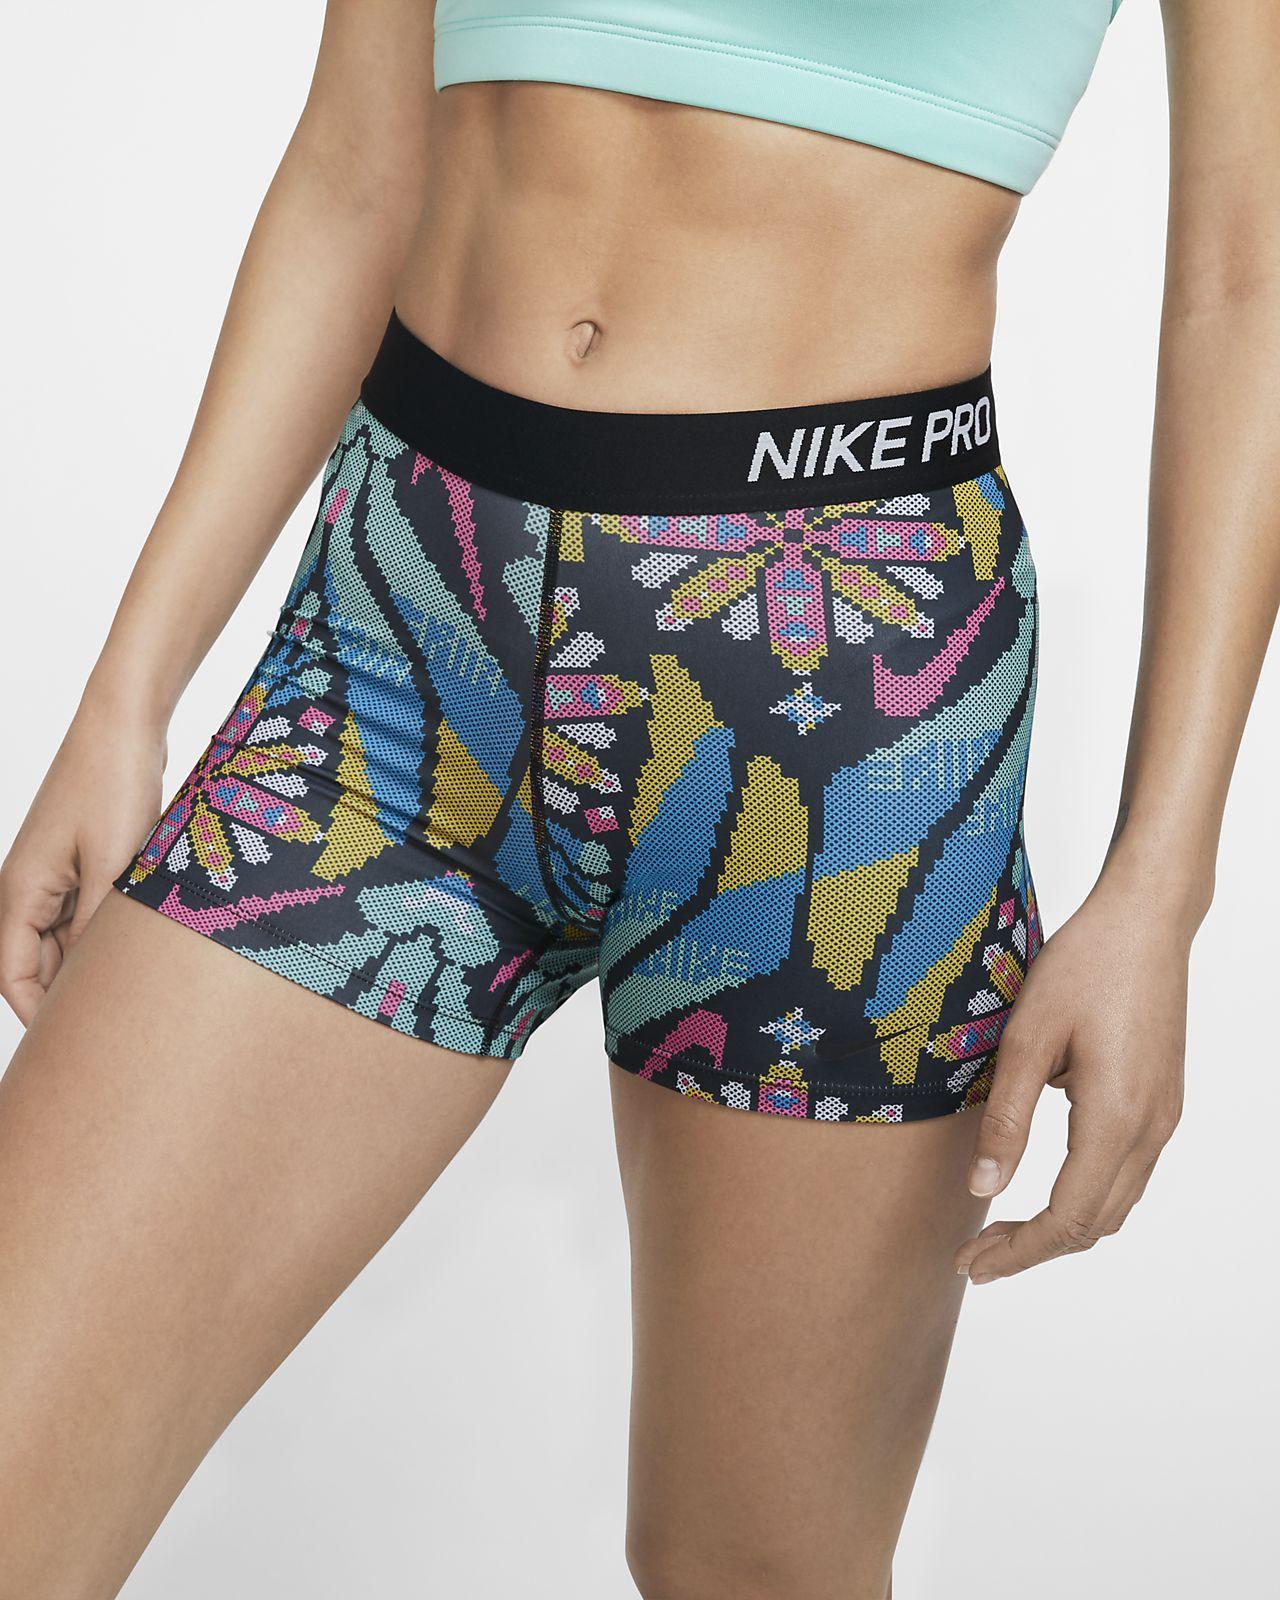 Женские шорты с принтом Nike Pro 8 см